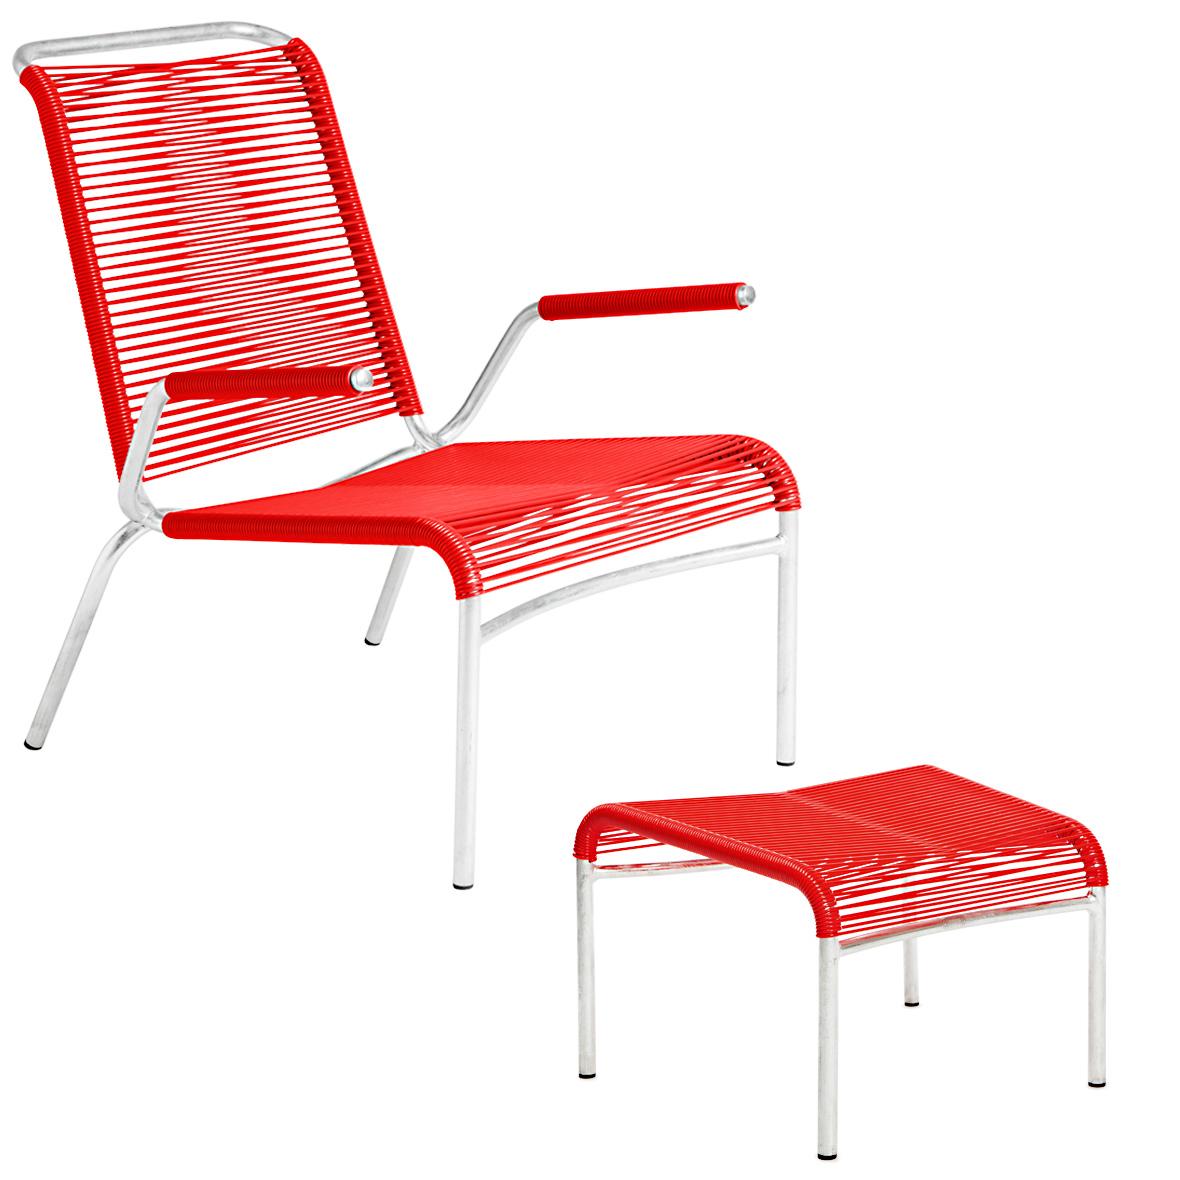 Altorfer Lounge-Set in Rot mit Armlehnen von Embru